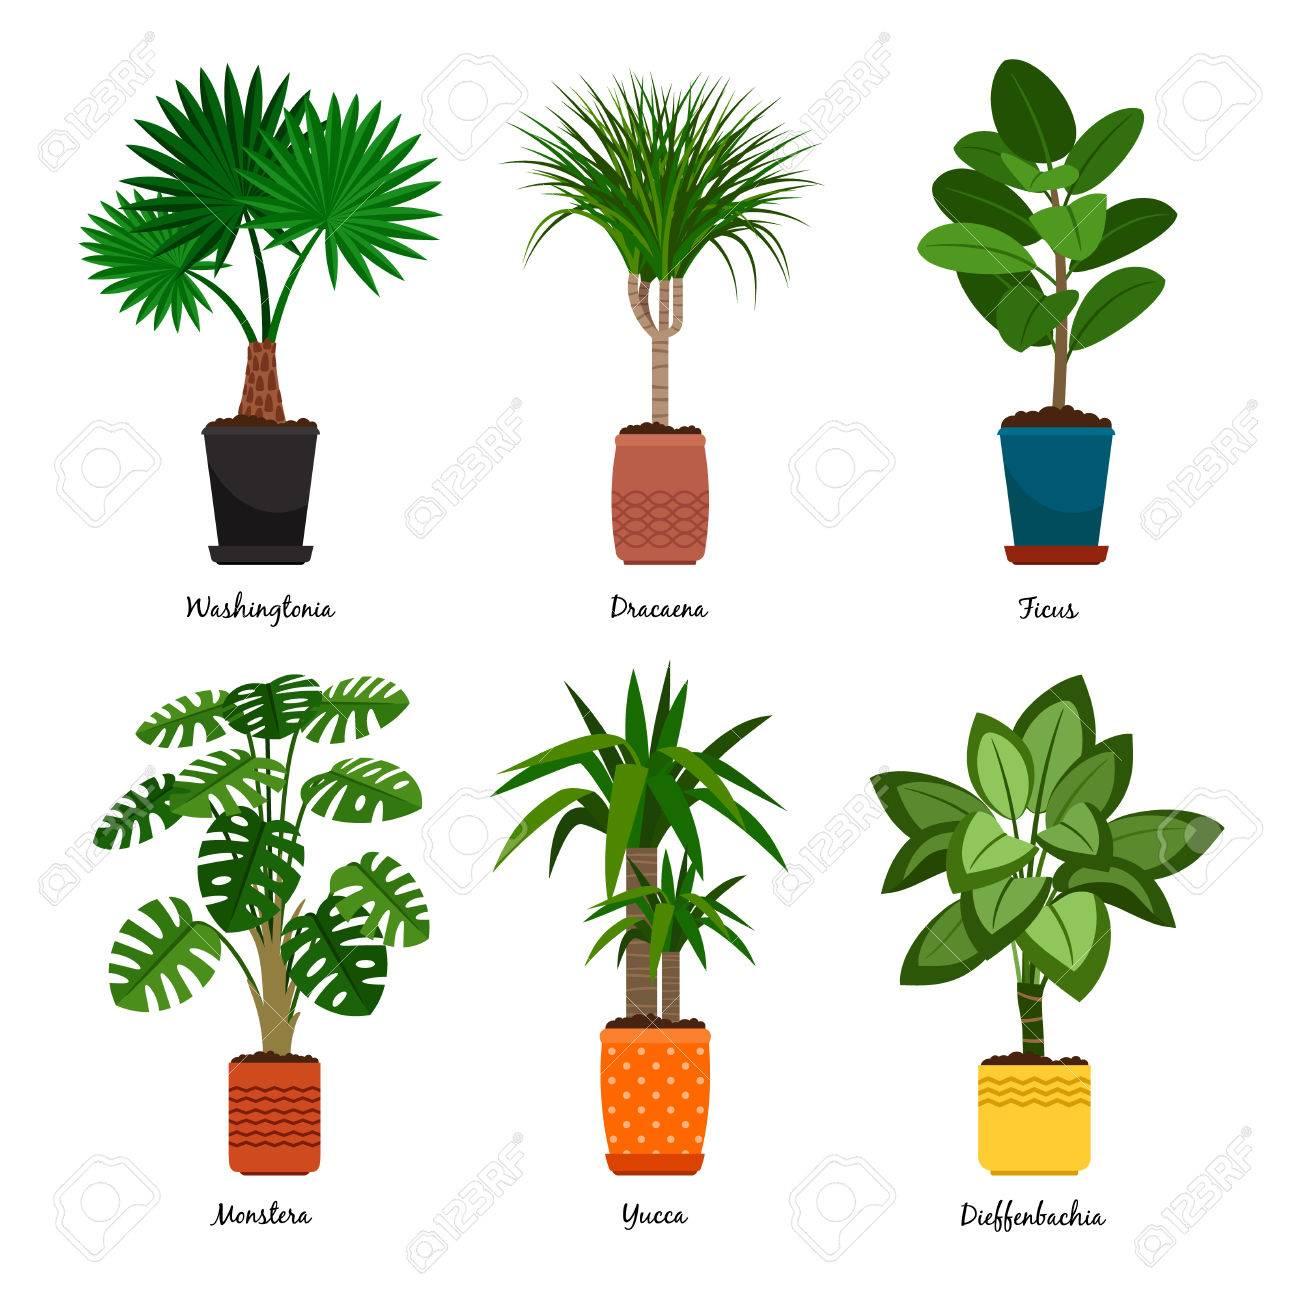 Decorative Houseplants In Pots Vector Illustration Florist Indoor